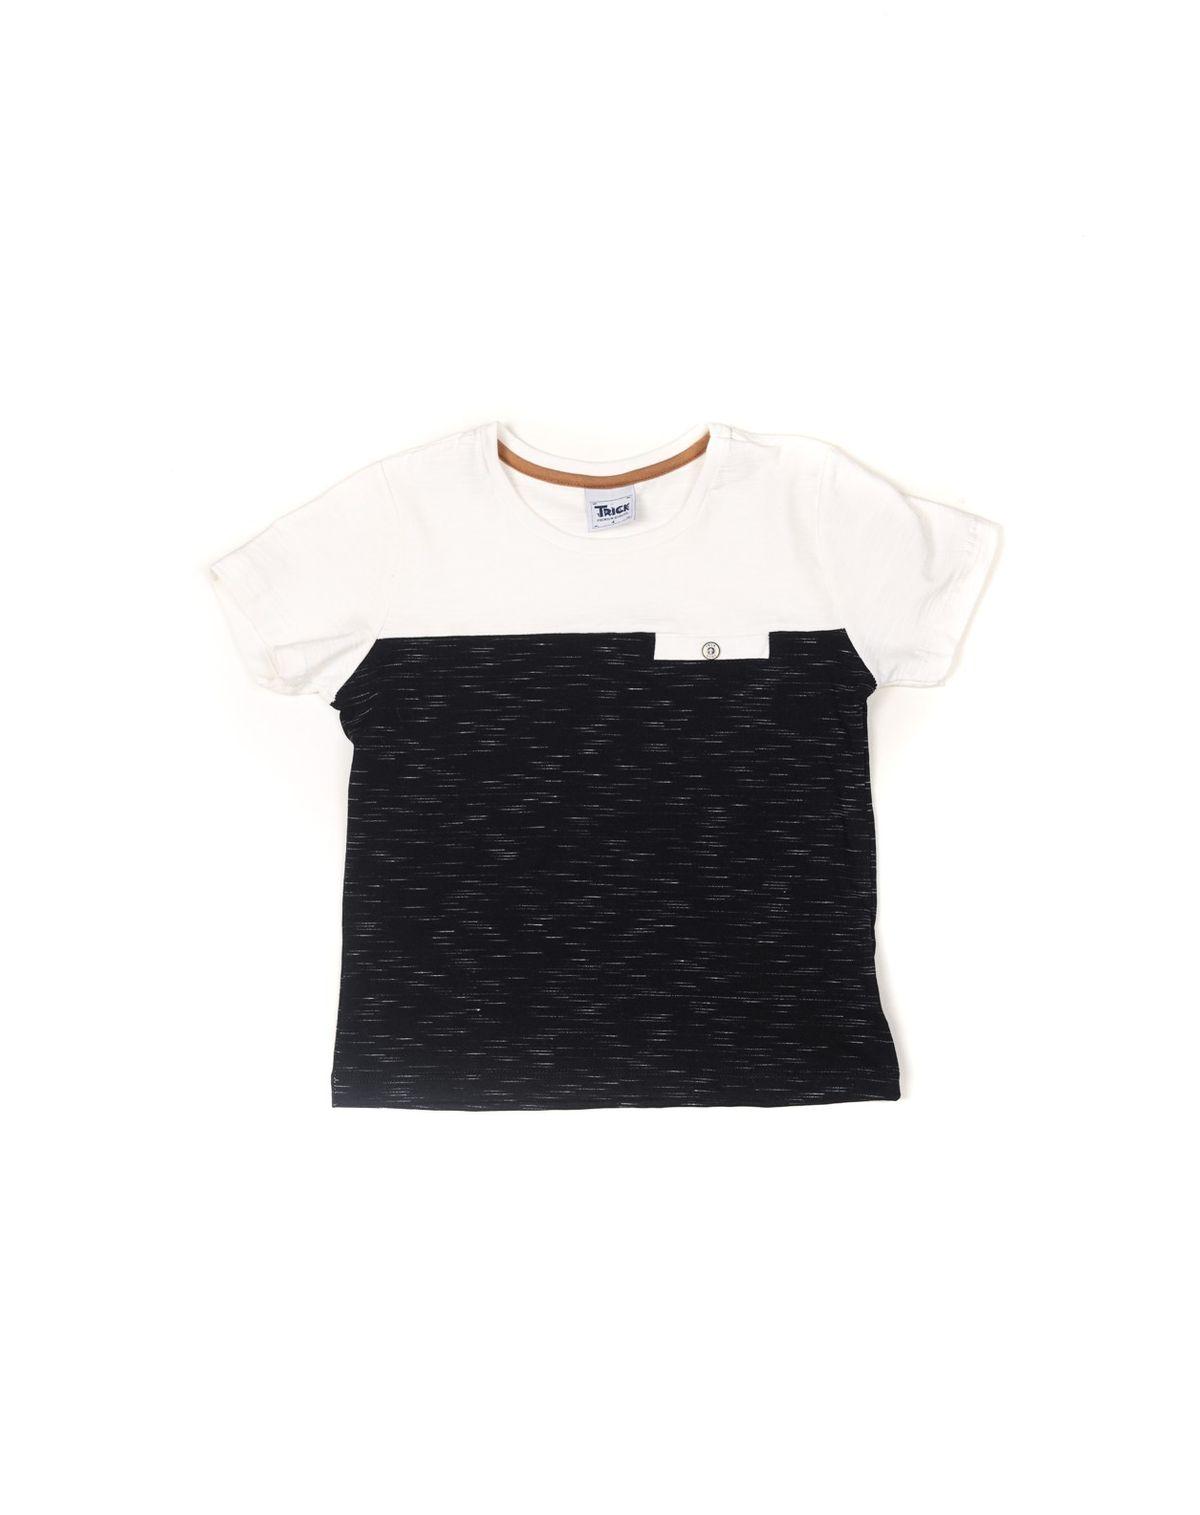 2050005861449-Camiseta-Manga-Curta-Infantil-Menino-Recortes-Rajado-OFF-WHITE-6-1